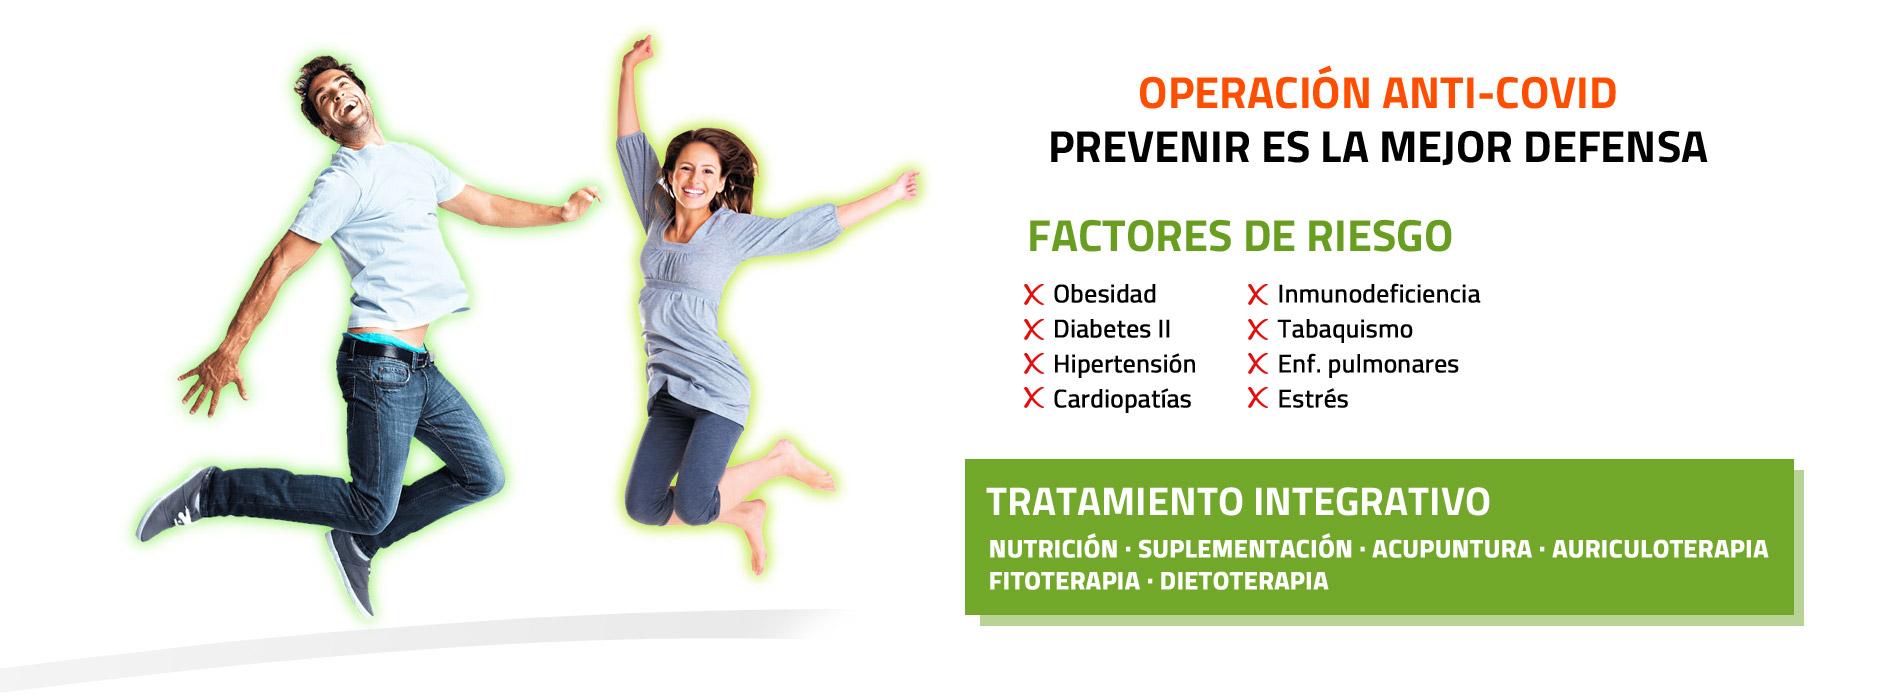 Operación Anti-Covid.Prevenir es la mejor defensa (Alergia y Coronavirus)